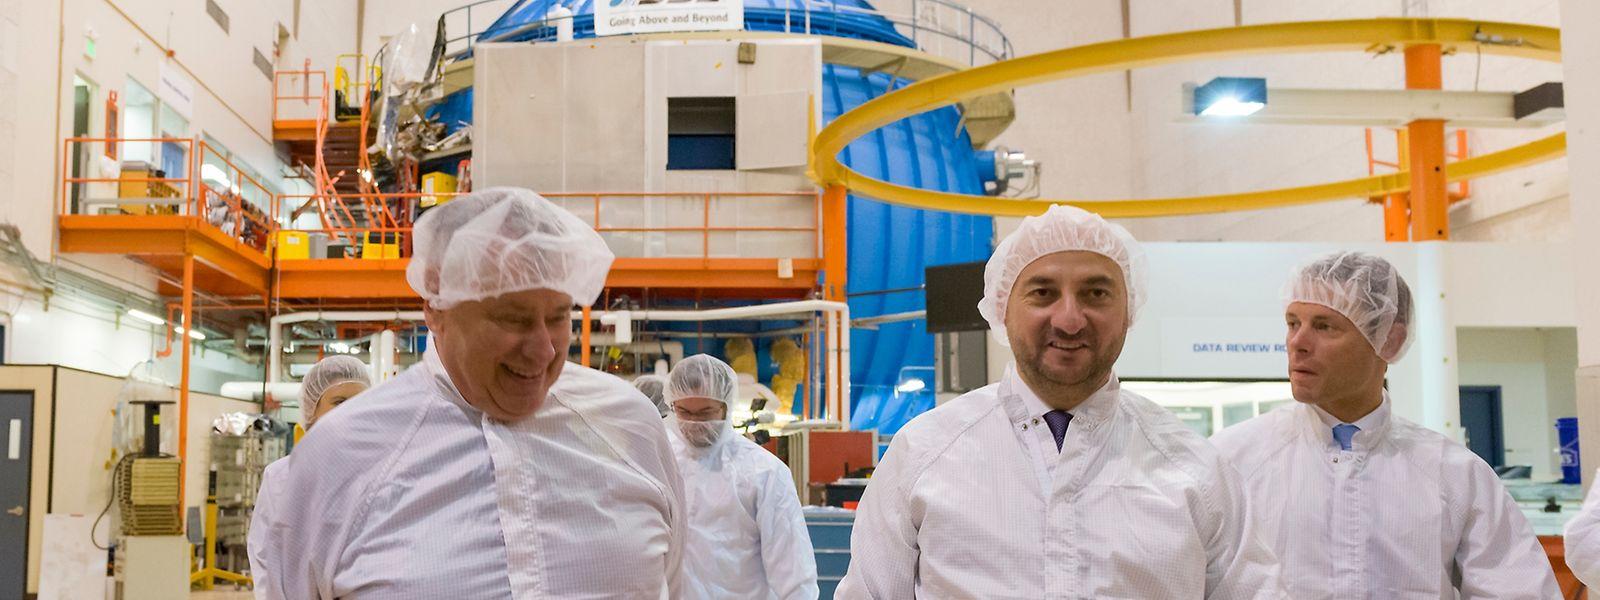 Pete Worden et Etienne Schneider visitent le coeur de SSL, où sont fabriqués les satellites du groupe